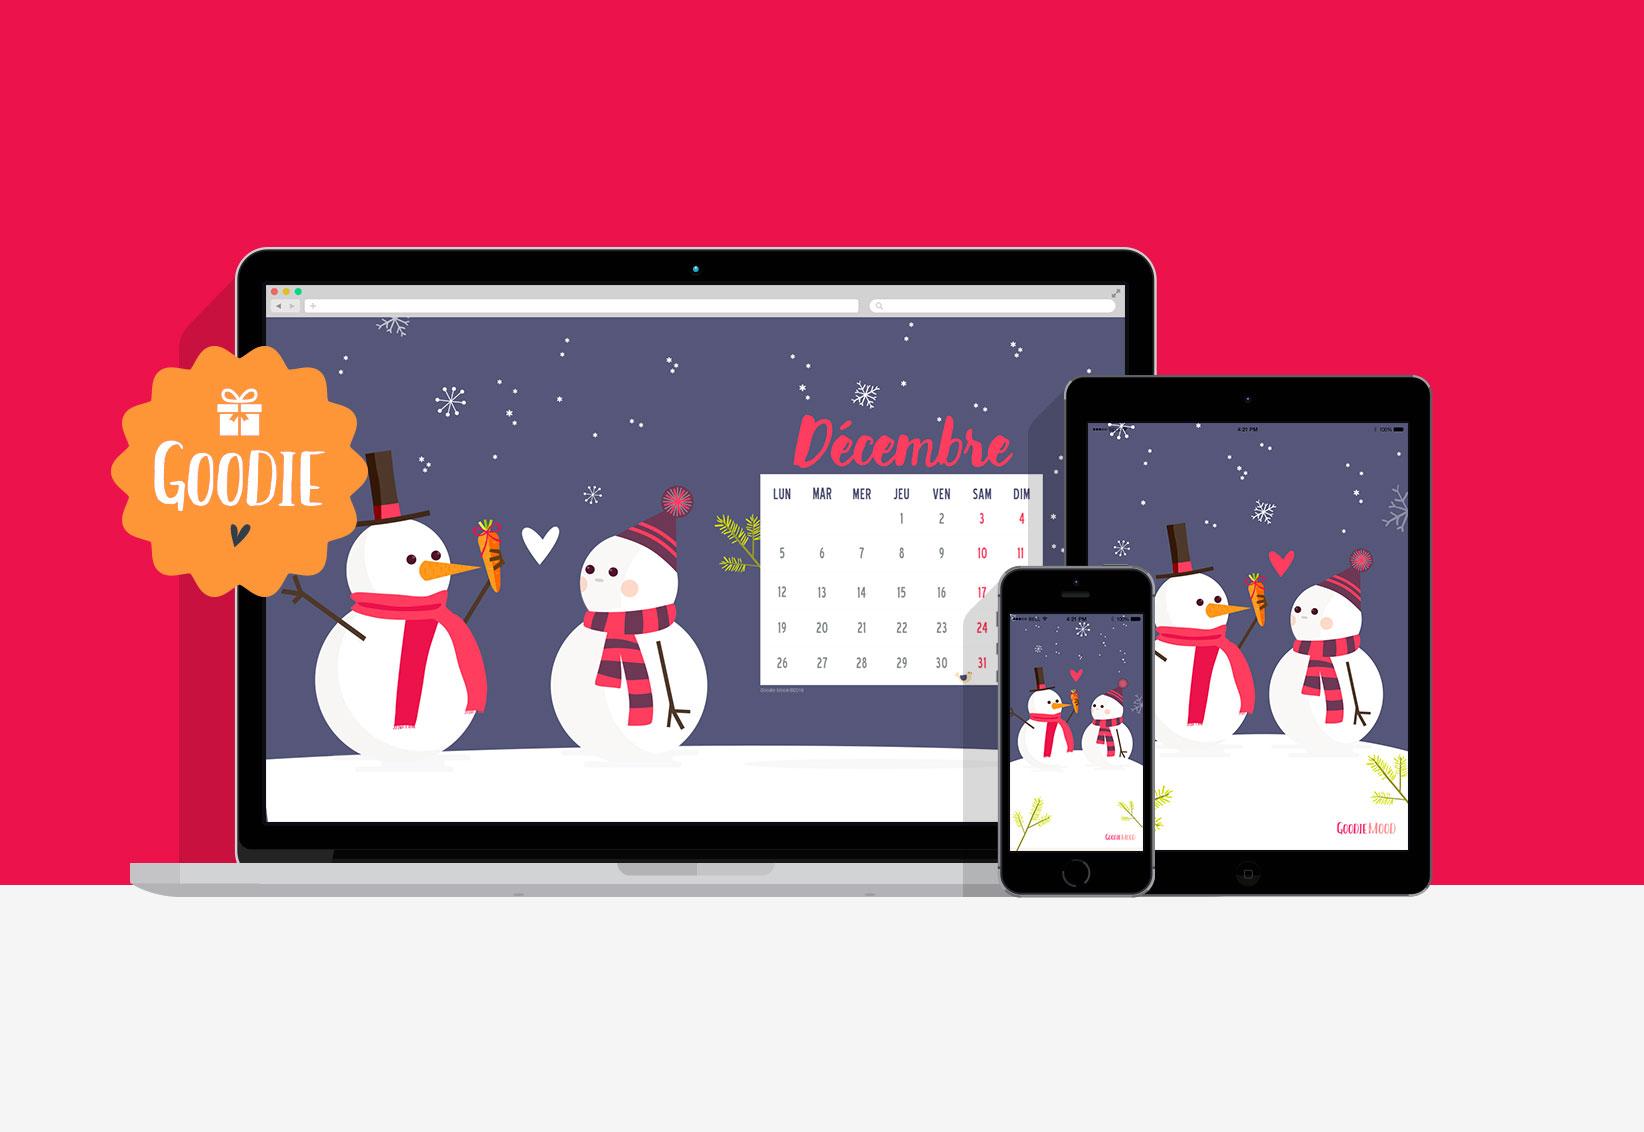 wallpaper calendar decembre christmas fond d'ecran noel goodie mood